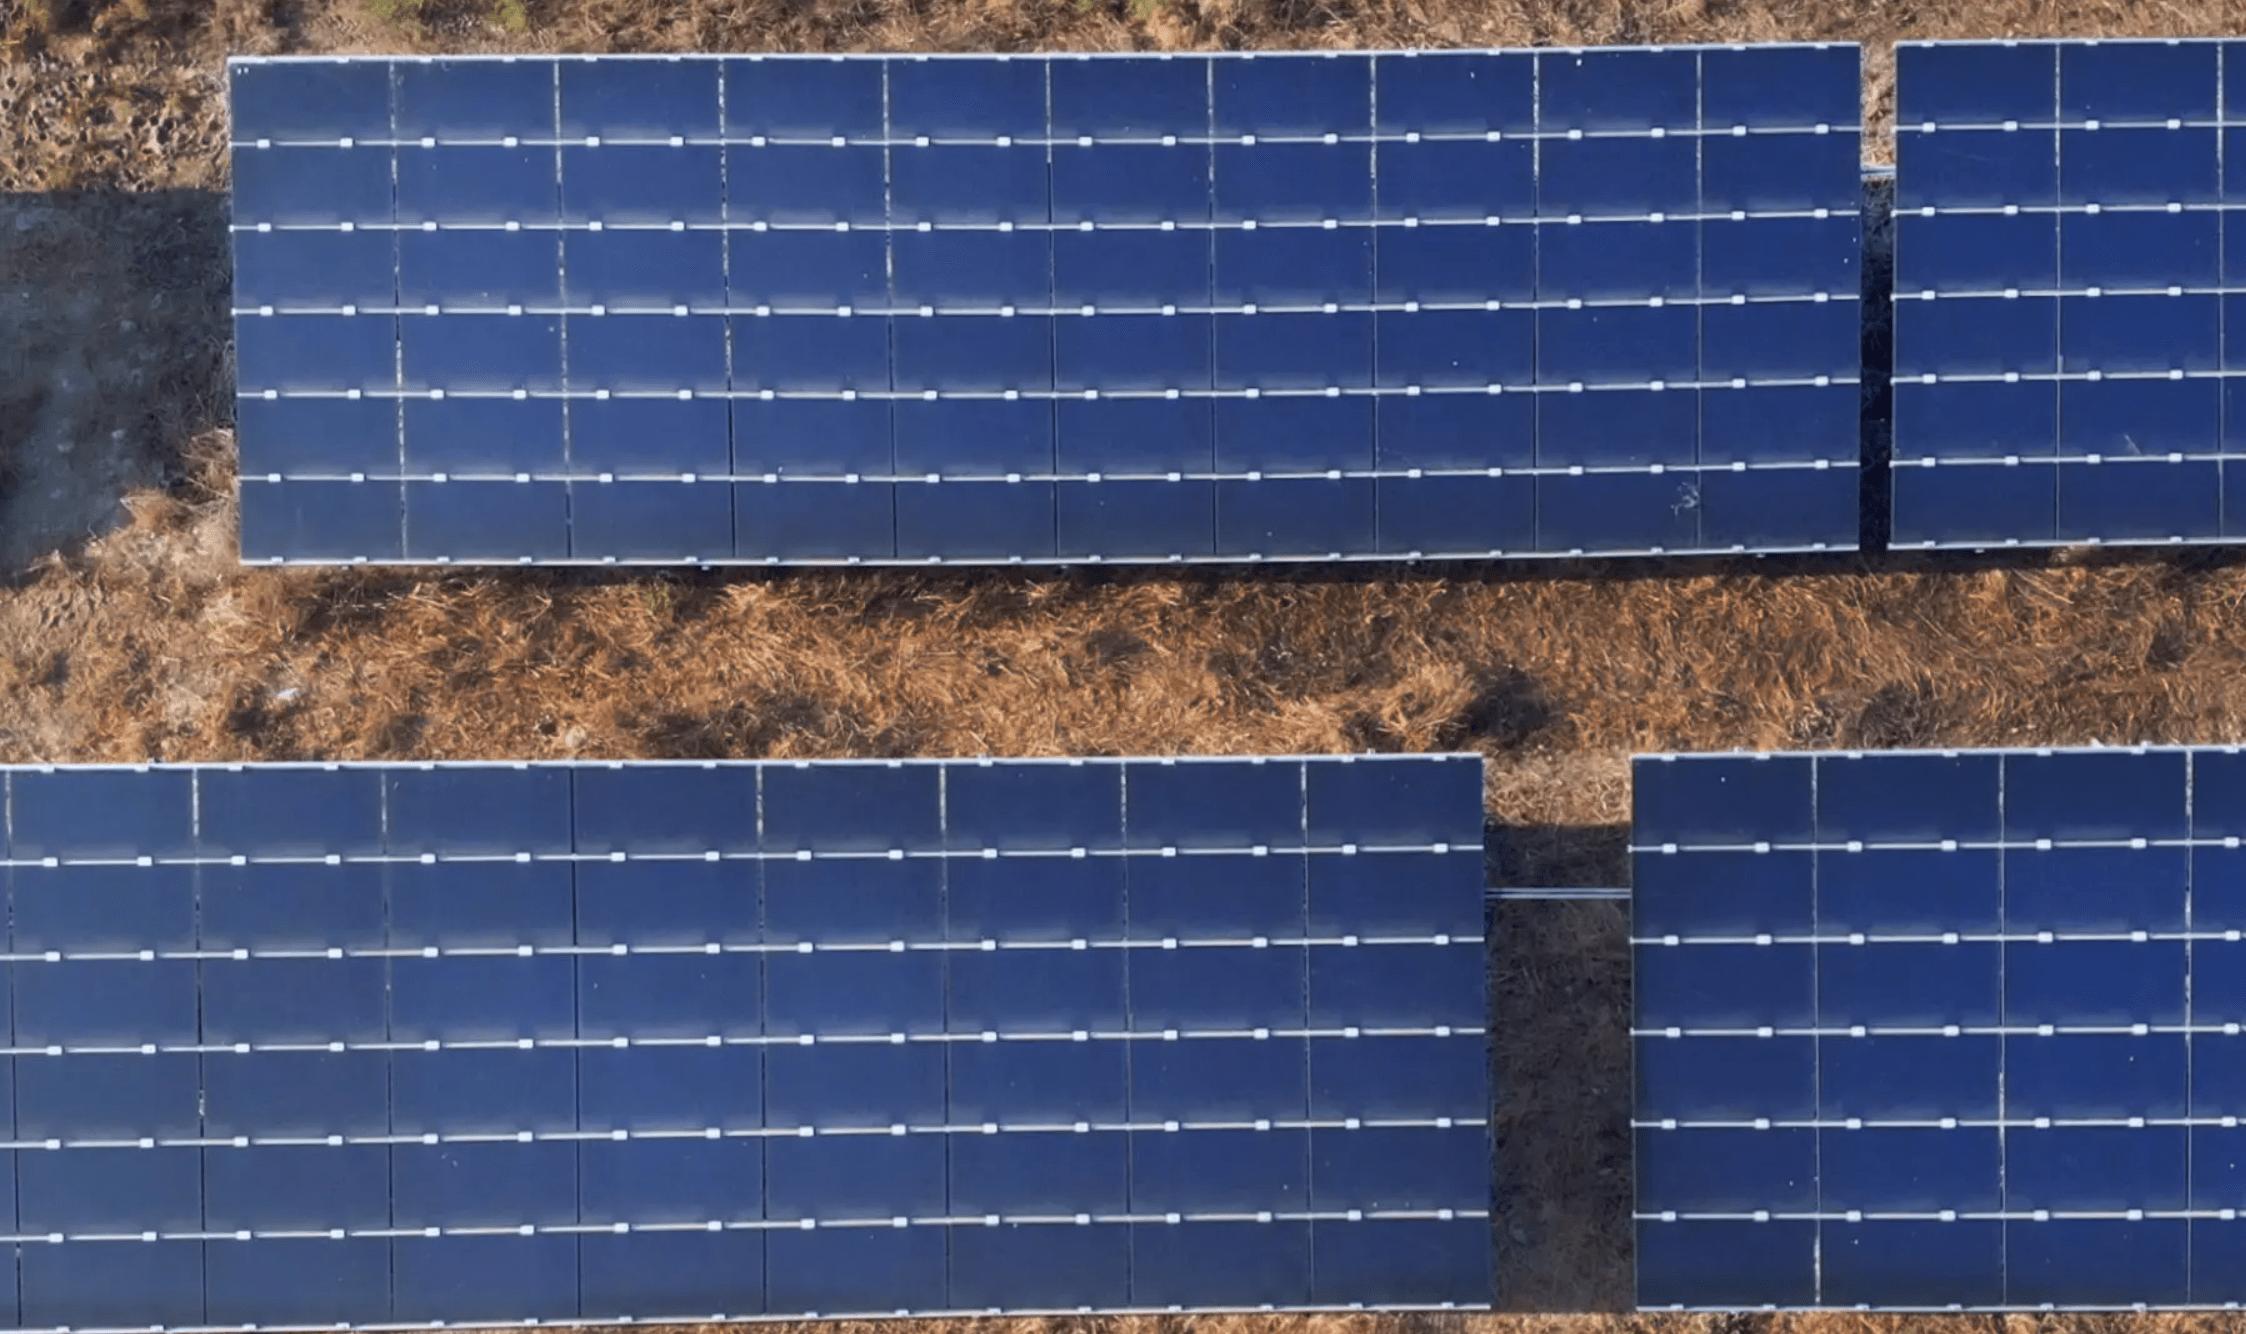 Індійський штат оголошує тендер на отримання сонячної енергії для сільськогосподарських споживачів